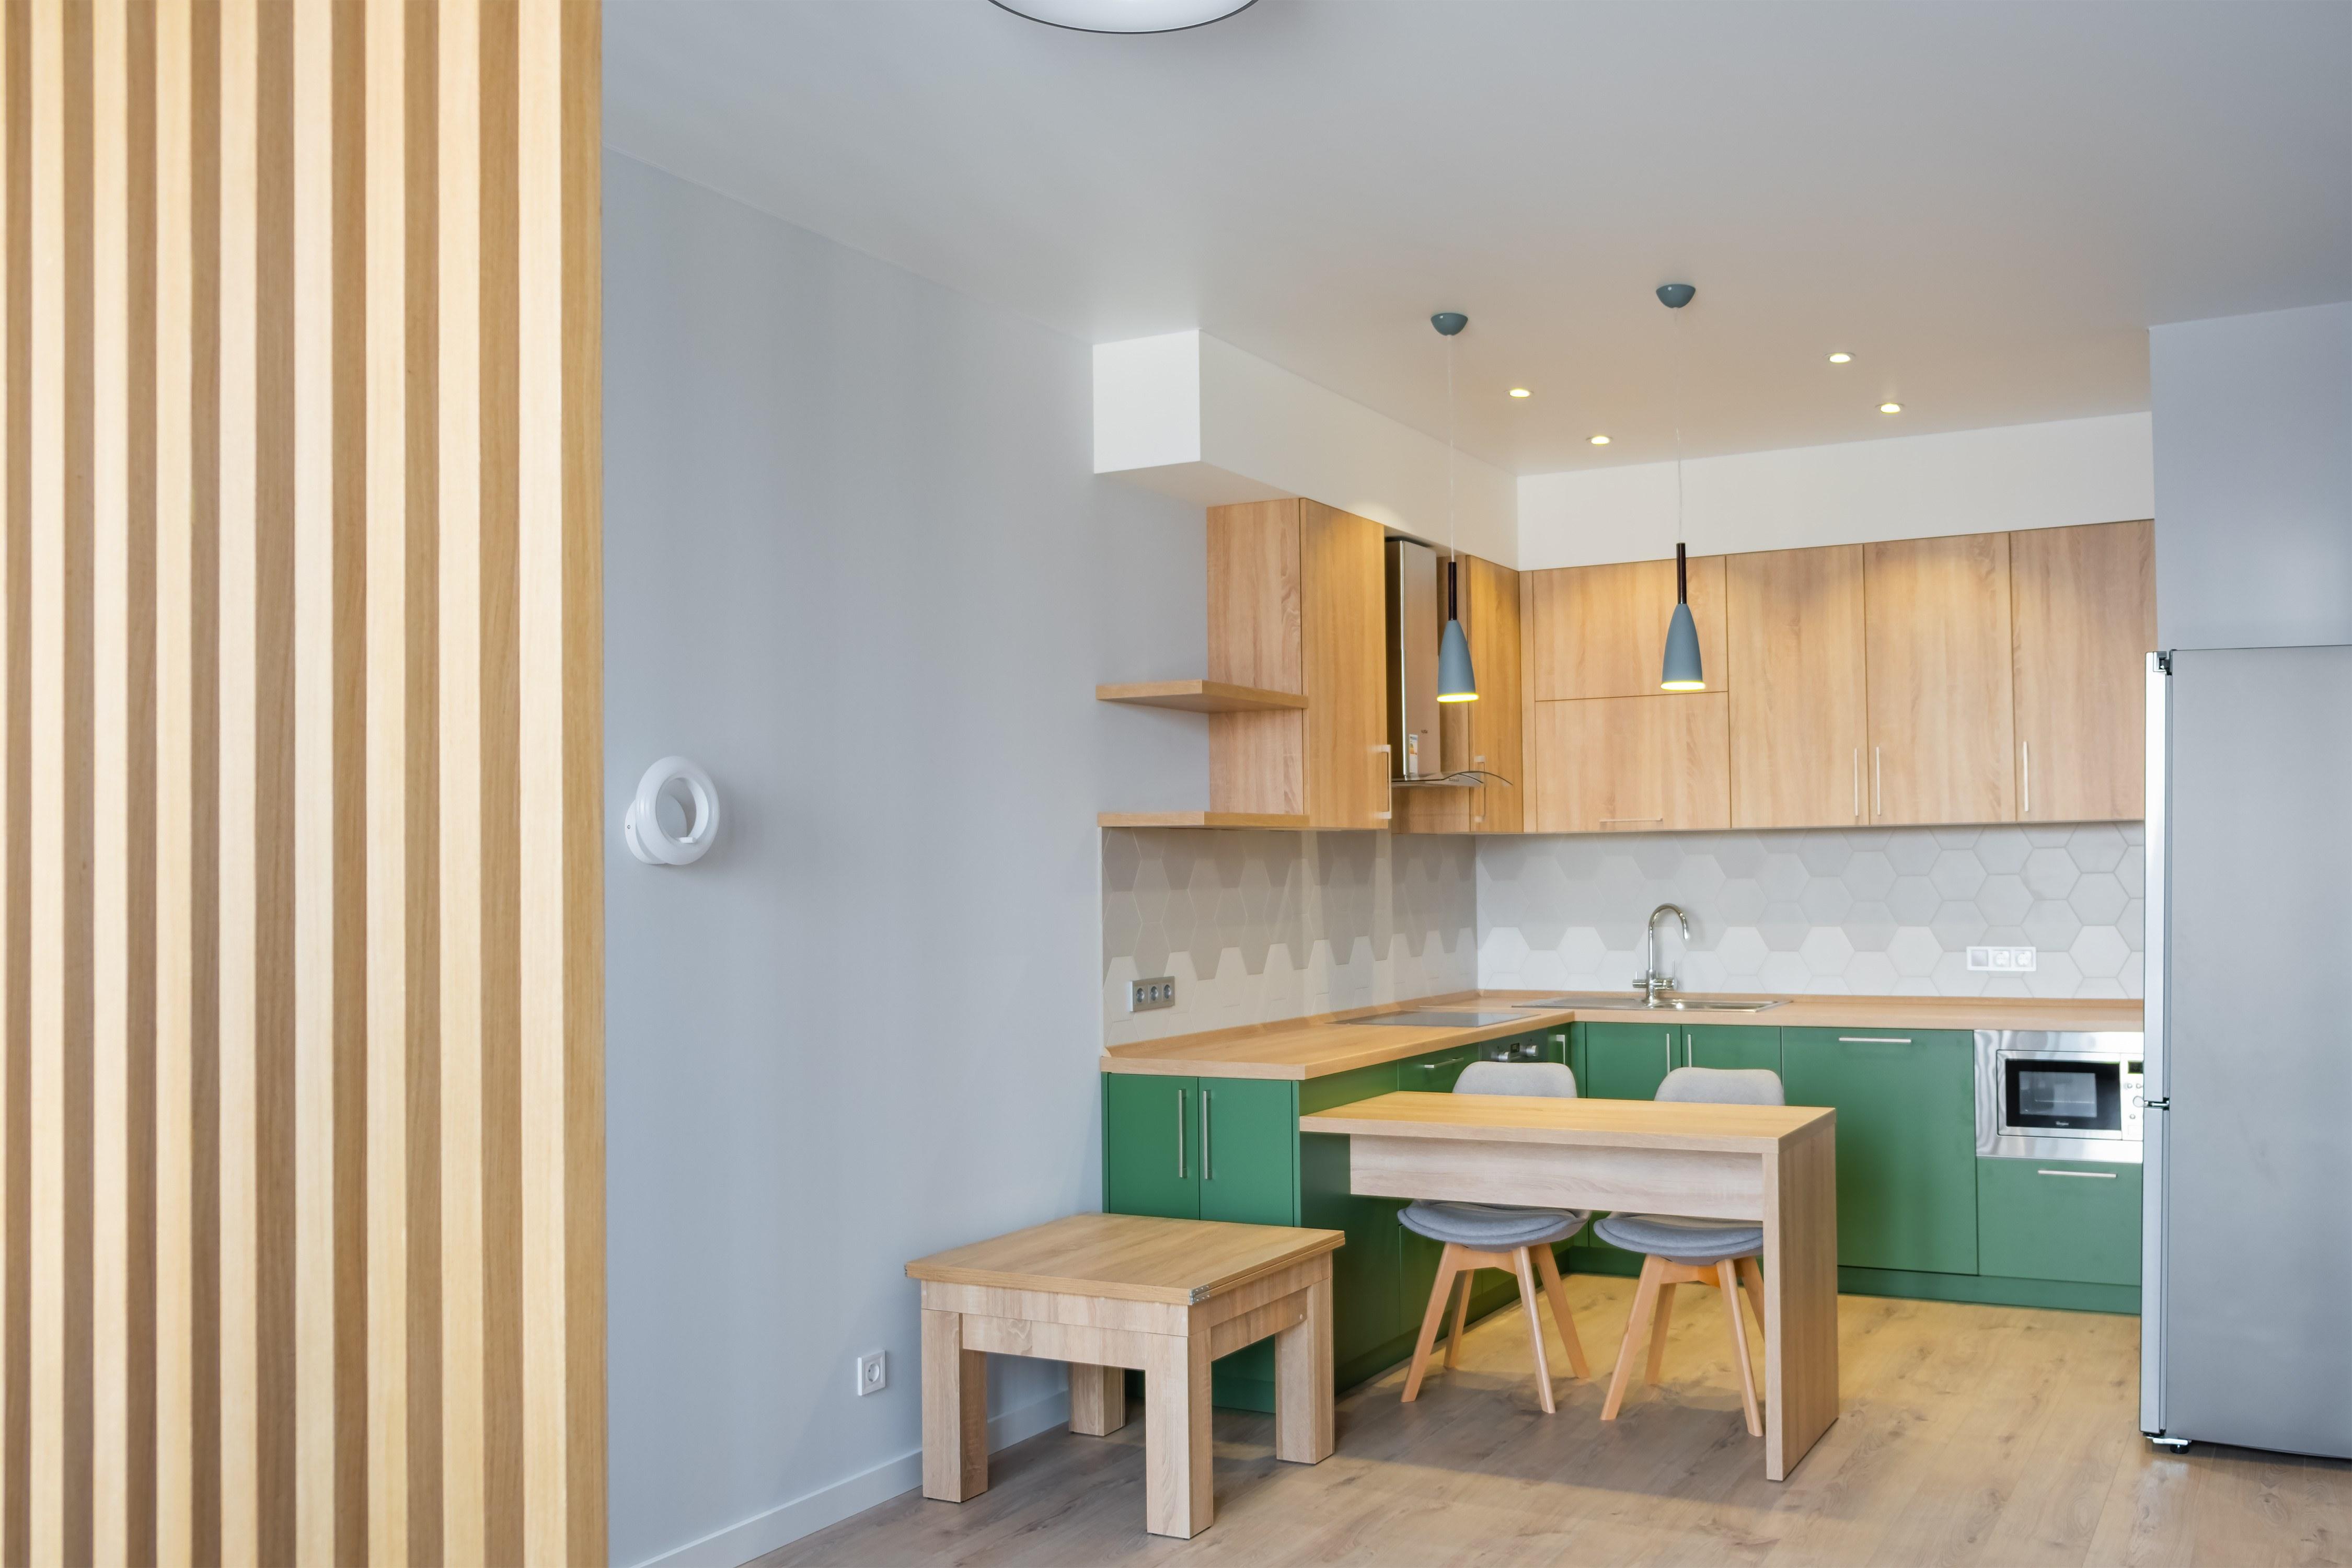 Дизайнерская кухня студия в ЖК ОМЕГА от КВАДРАТУМ